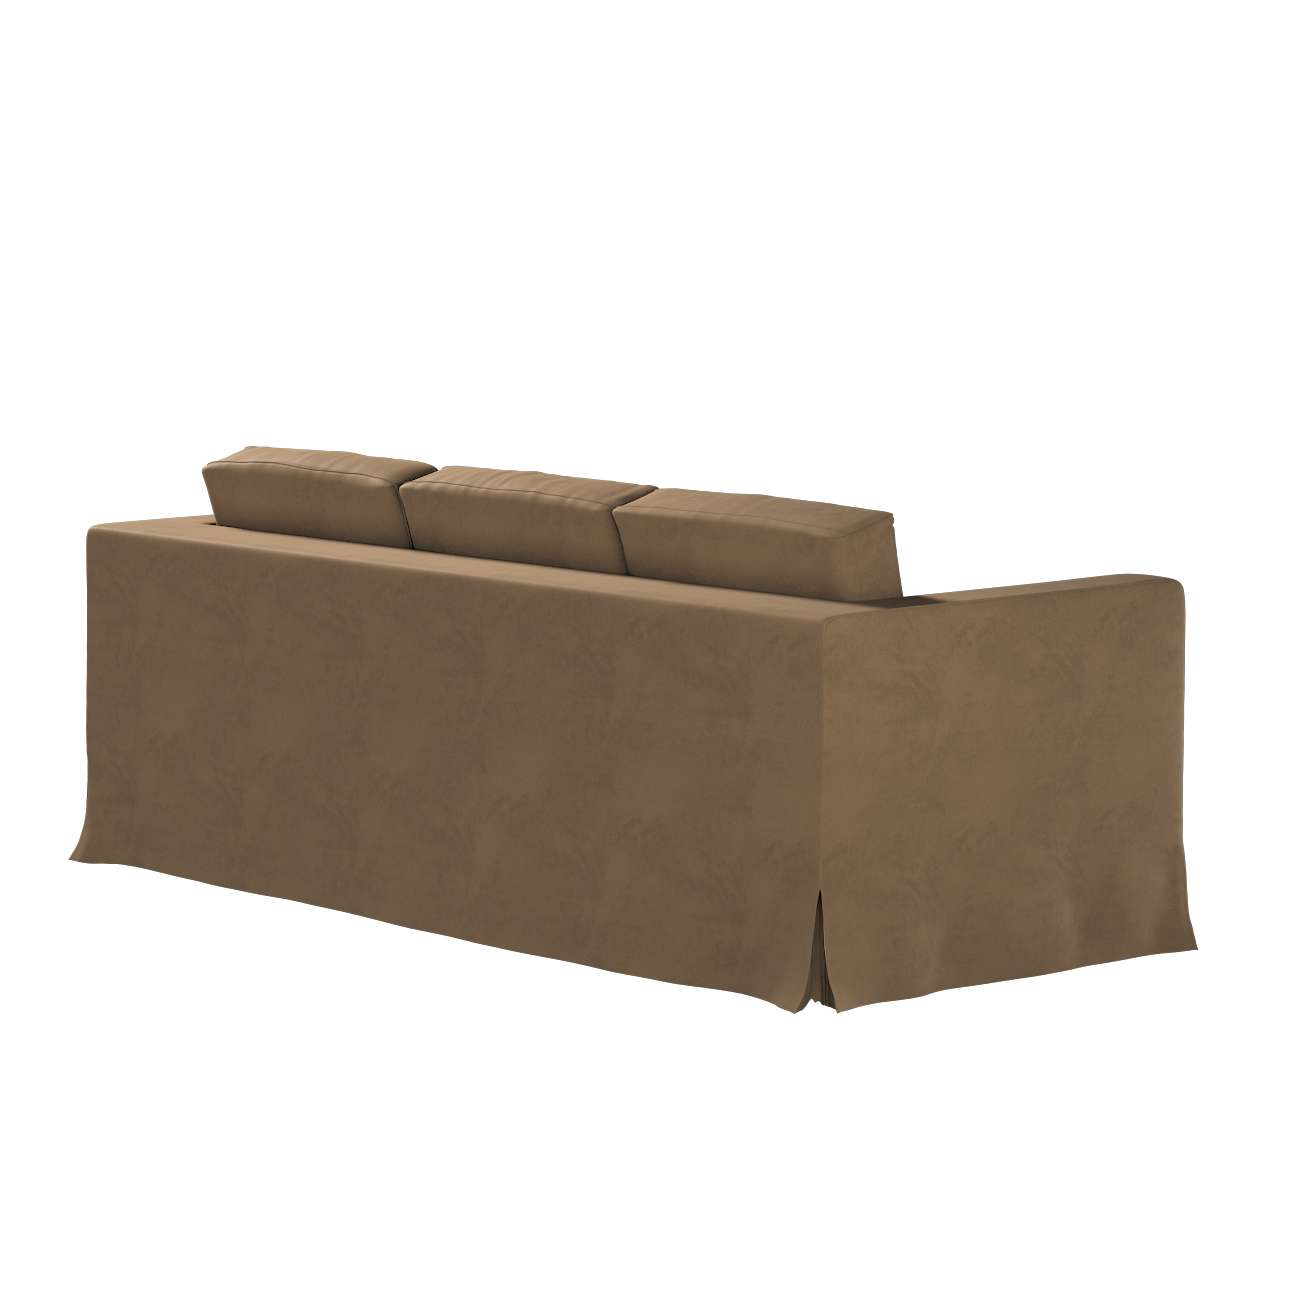 Bezug für Karlanda 3-Sitzer Sofa nicht ausklappbar, lang von der Kollektion Living II, Stoff: 160-94